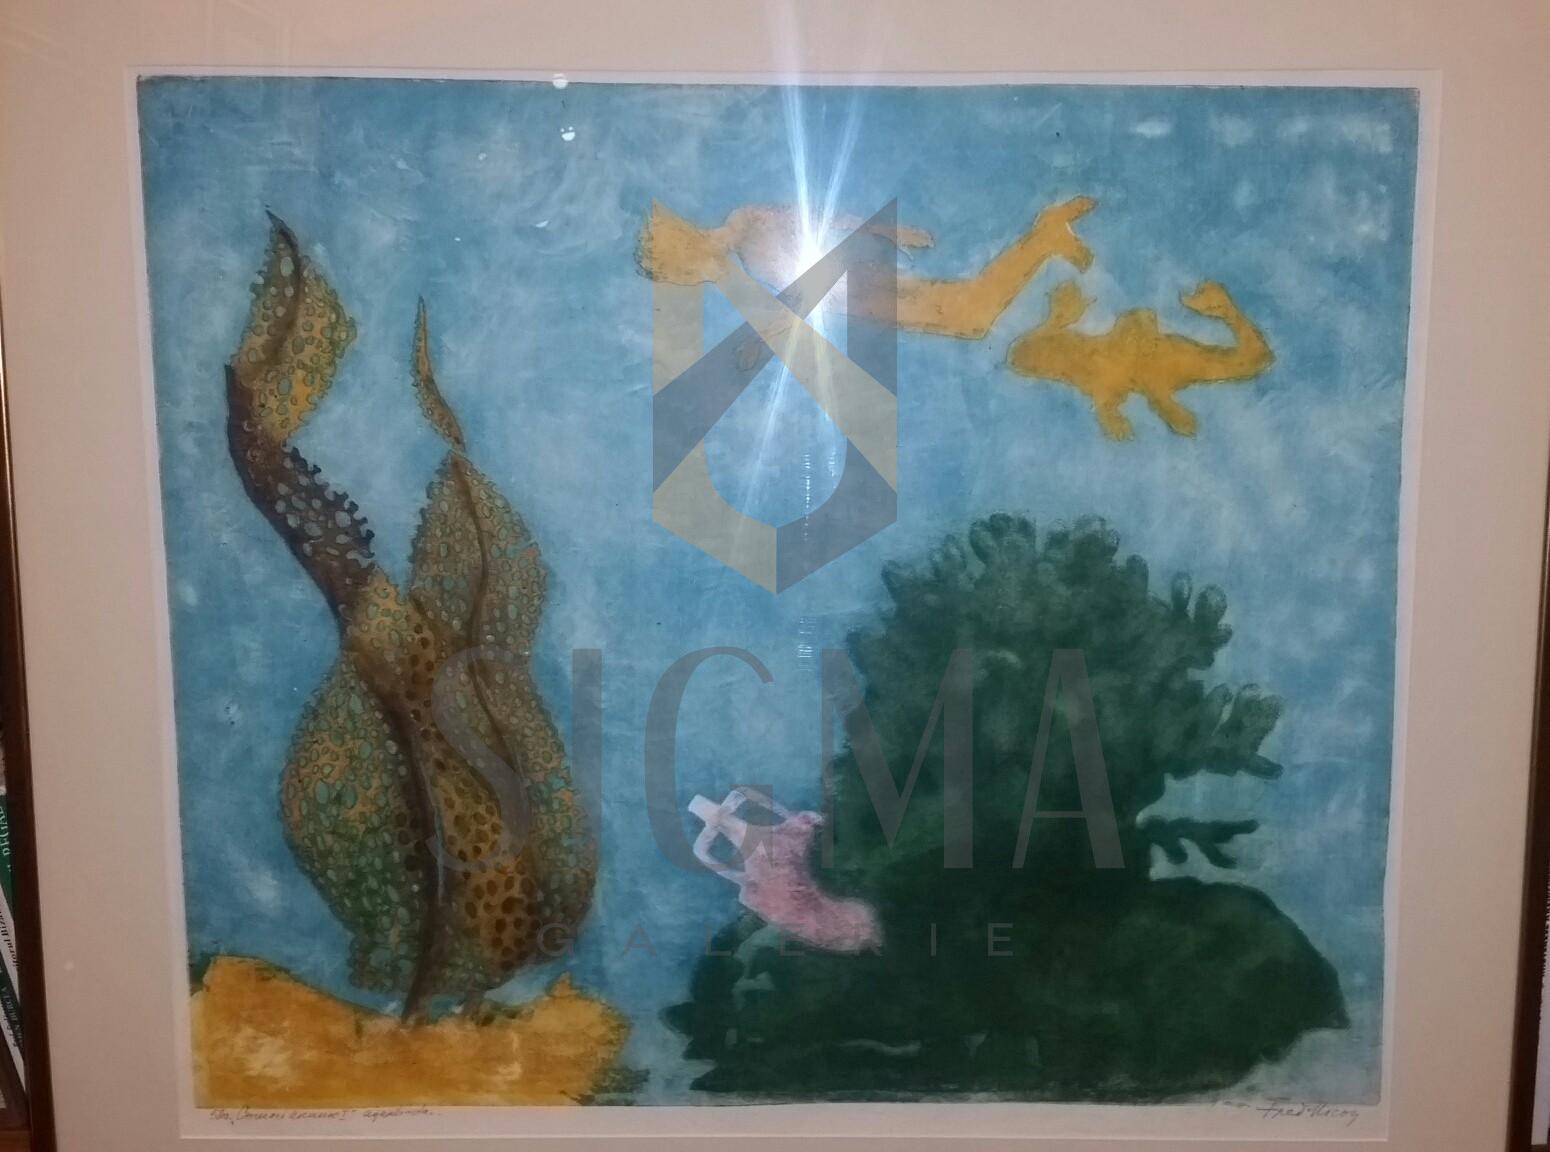 TABLOU FRED MICOS ( MICOSZ ), NAIADAE - acvatina color, 1978